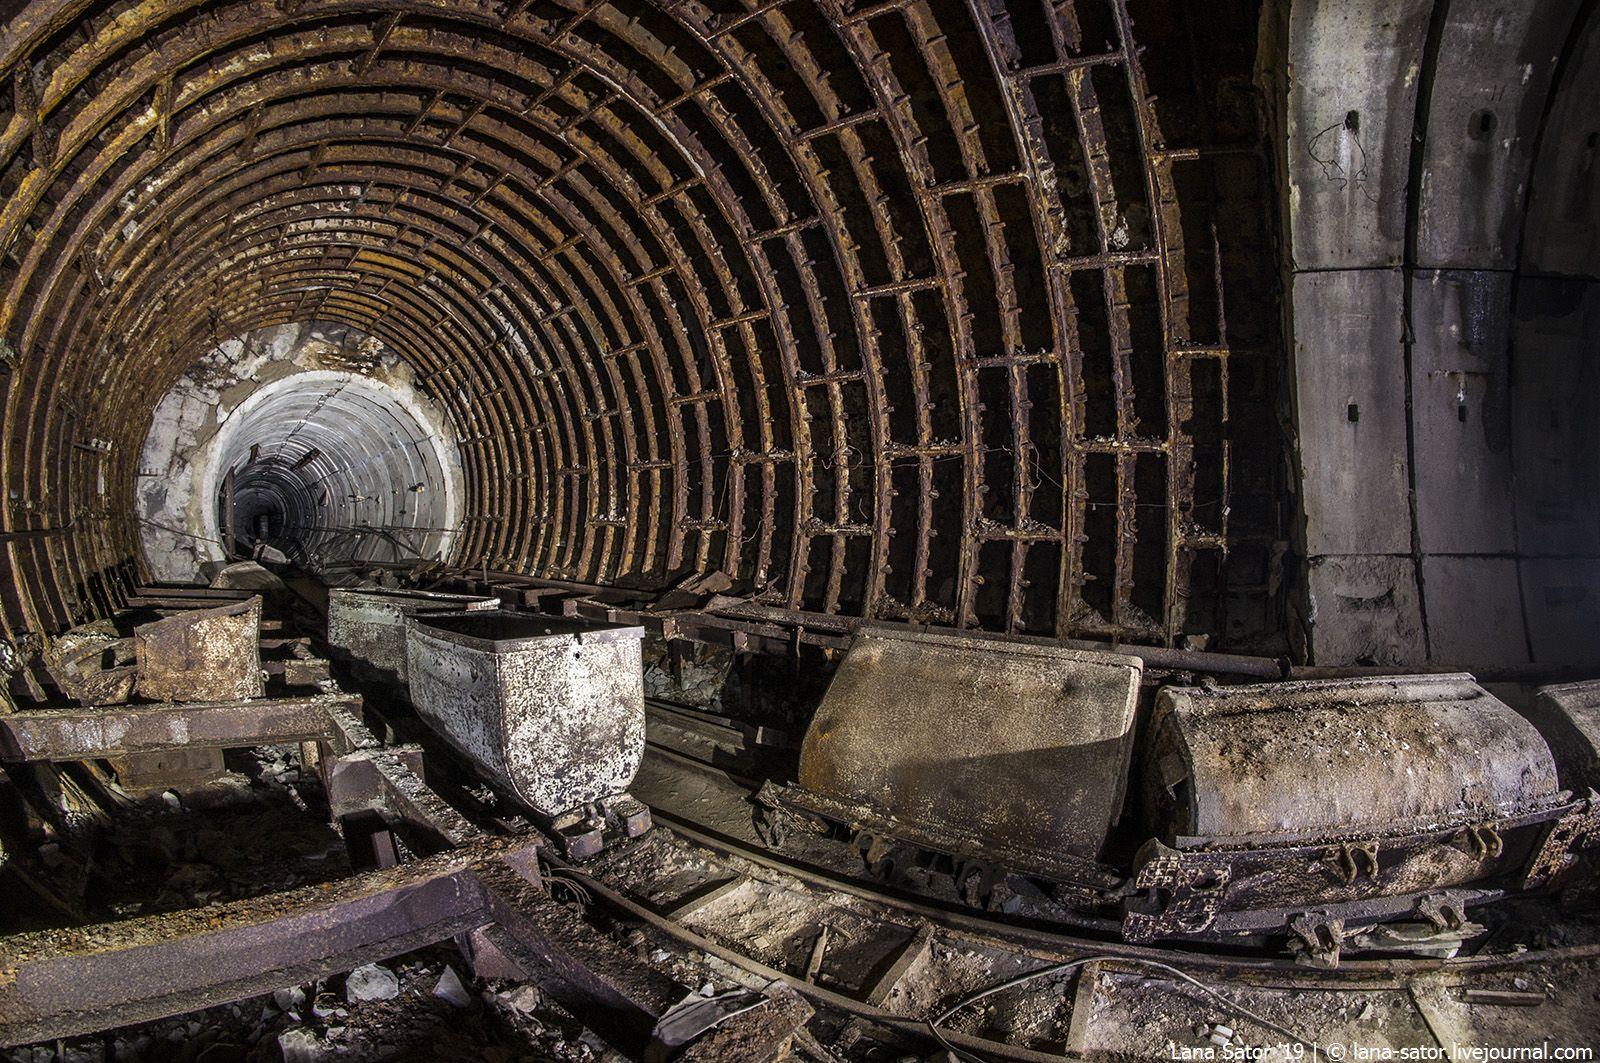 конце концов, заброшенное метро в москве фото ведь зря начала